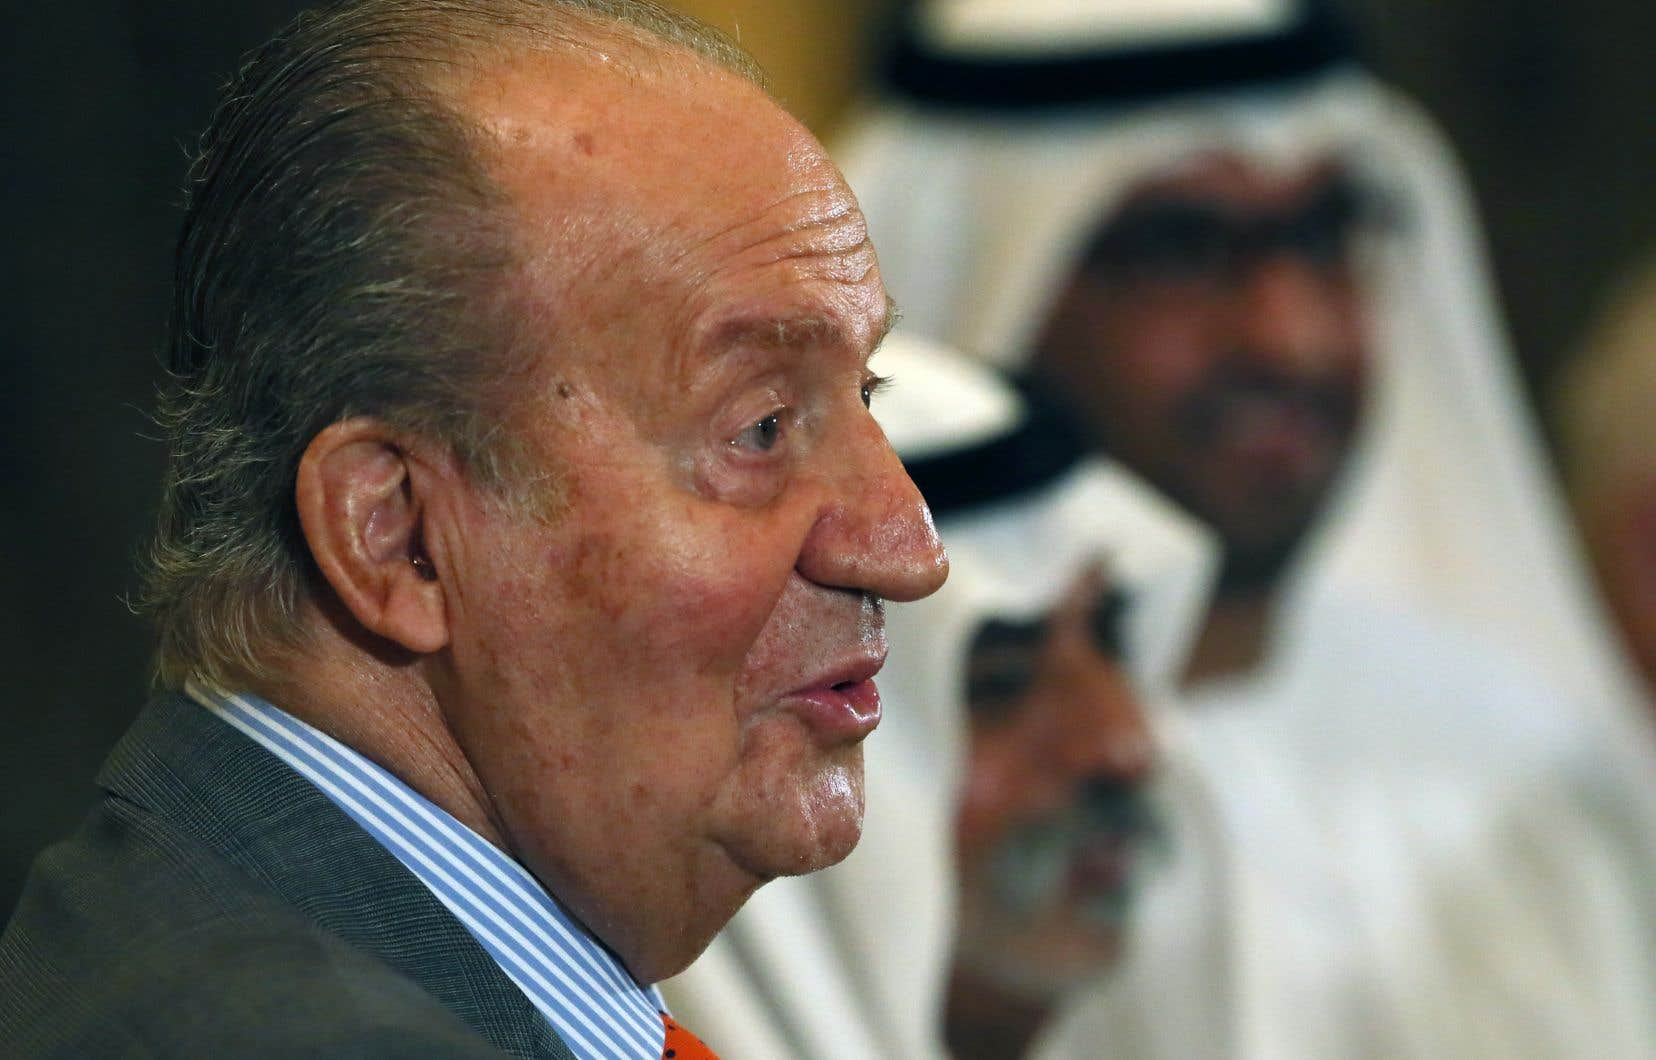 L'ex-roi d'Espagne Juan Carlos lors d'une visite officielle aux Émirats arabes unis, en 2014